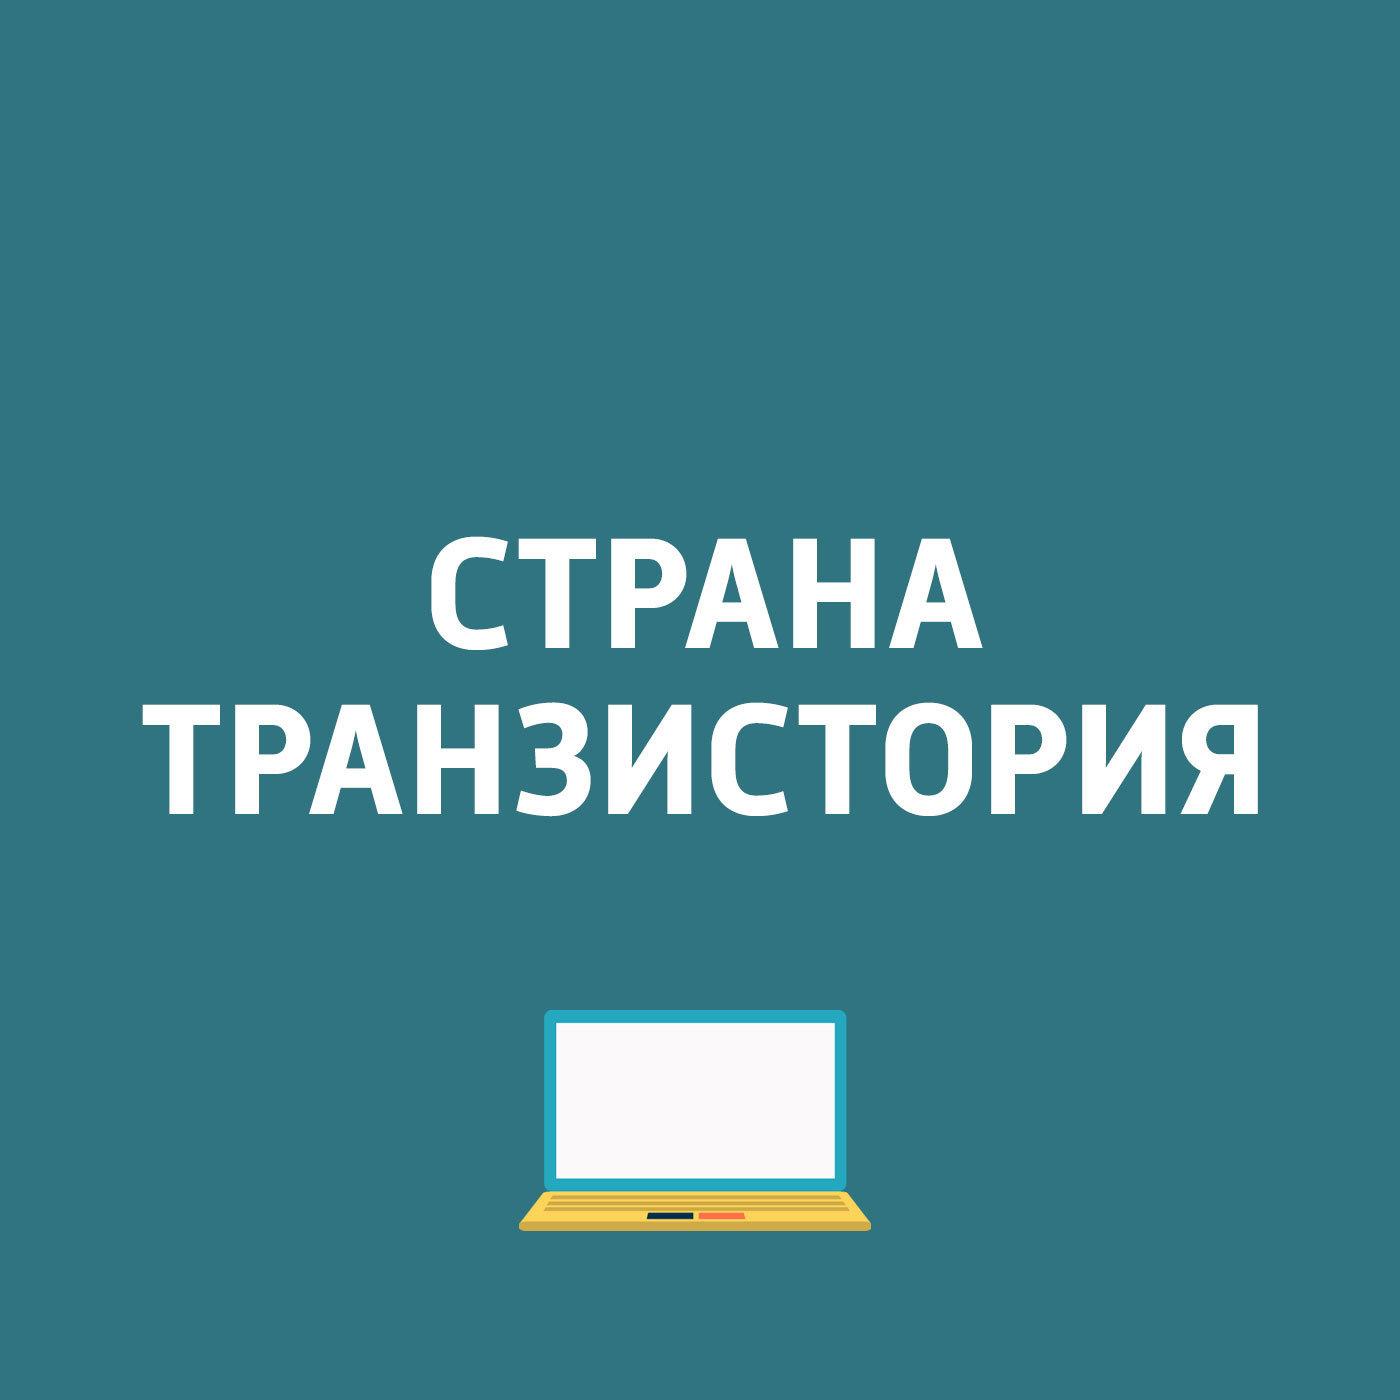 Картаев Павел Начало продаж в России телефона Nokia 8110 4G; Показан смартфон с девятью камерами; Oculus внесла изменения в системные требования Oculus Rift razor rift